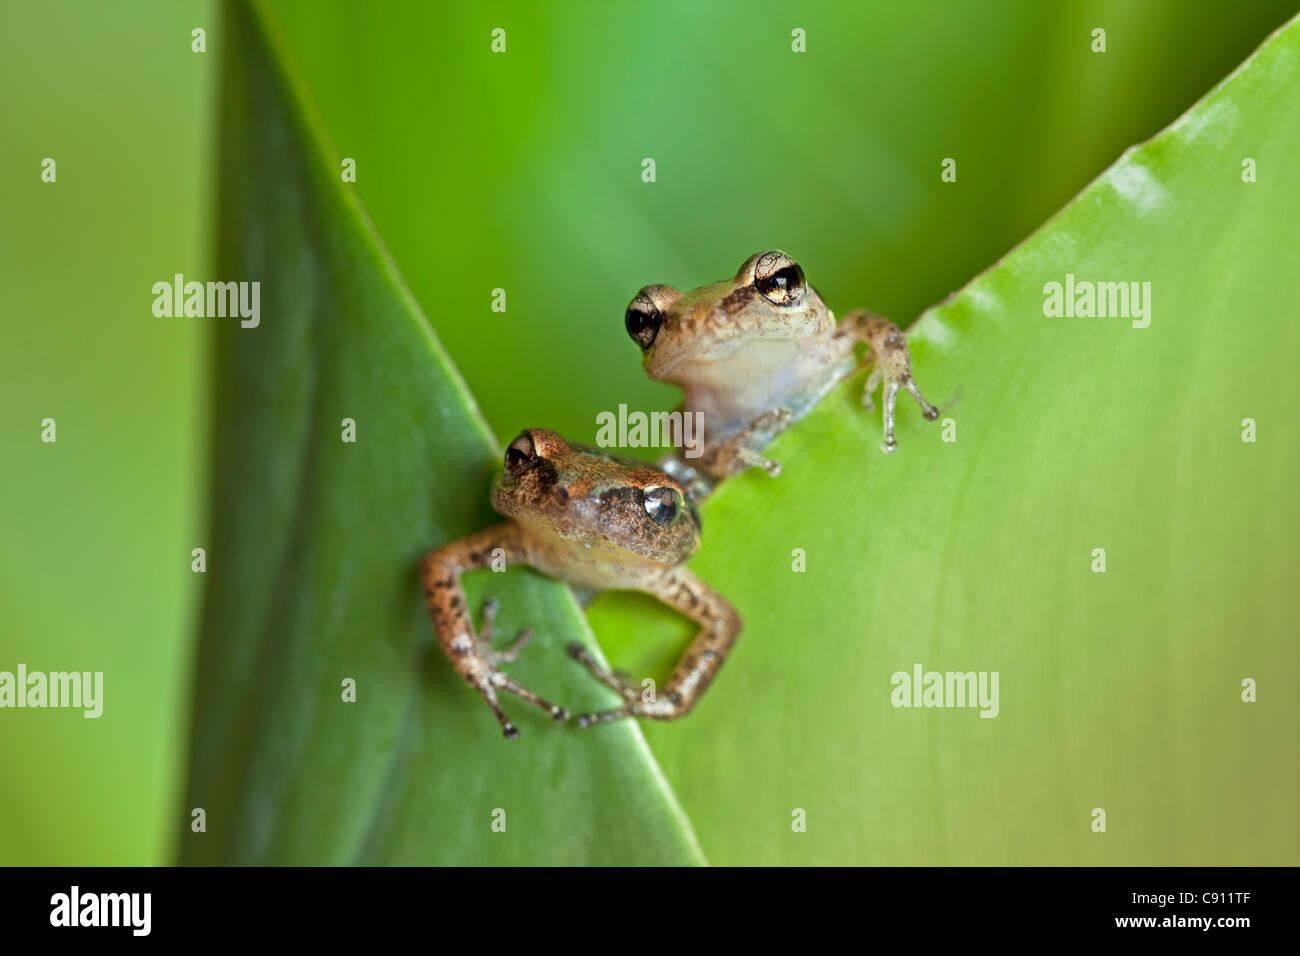 Pays-bas, La Serena, l'île de Saba, Antilles néerlandaises. Rainette sifflement ( Eleutherodactylus johnstonei ) Banque D'Images